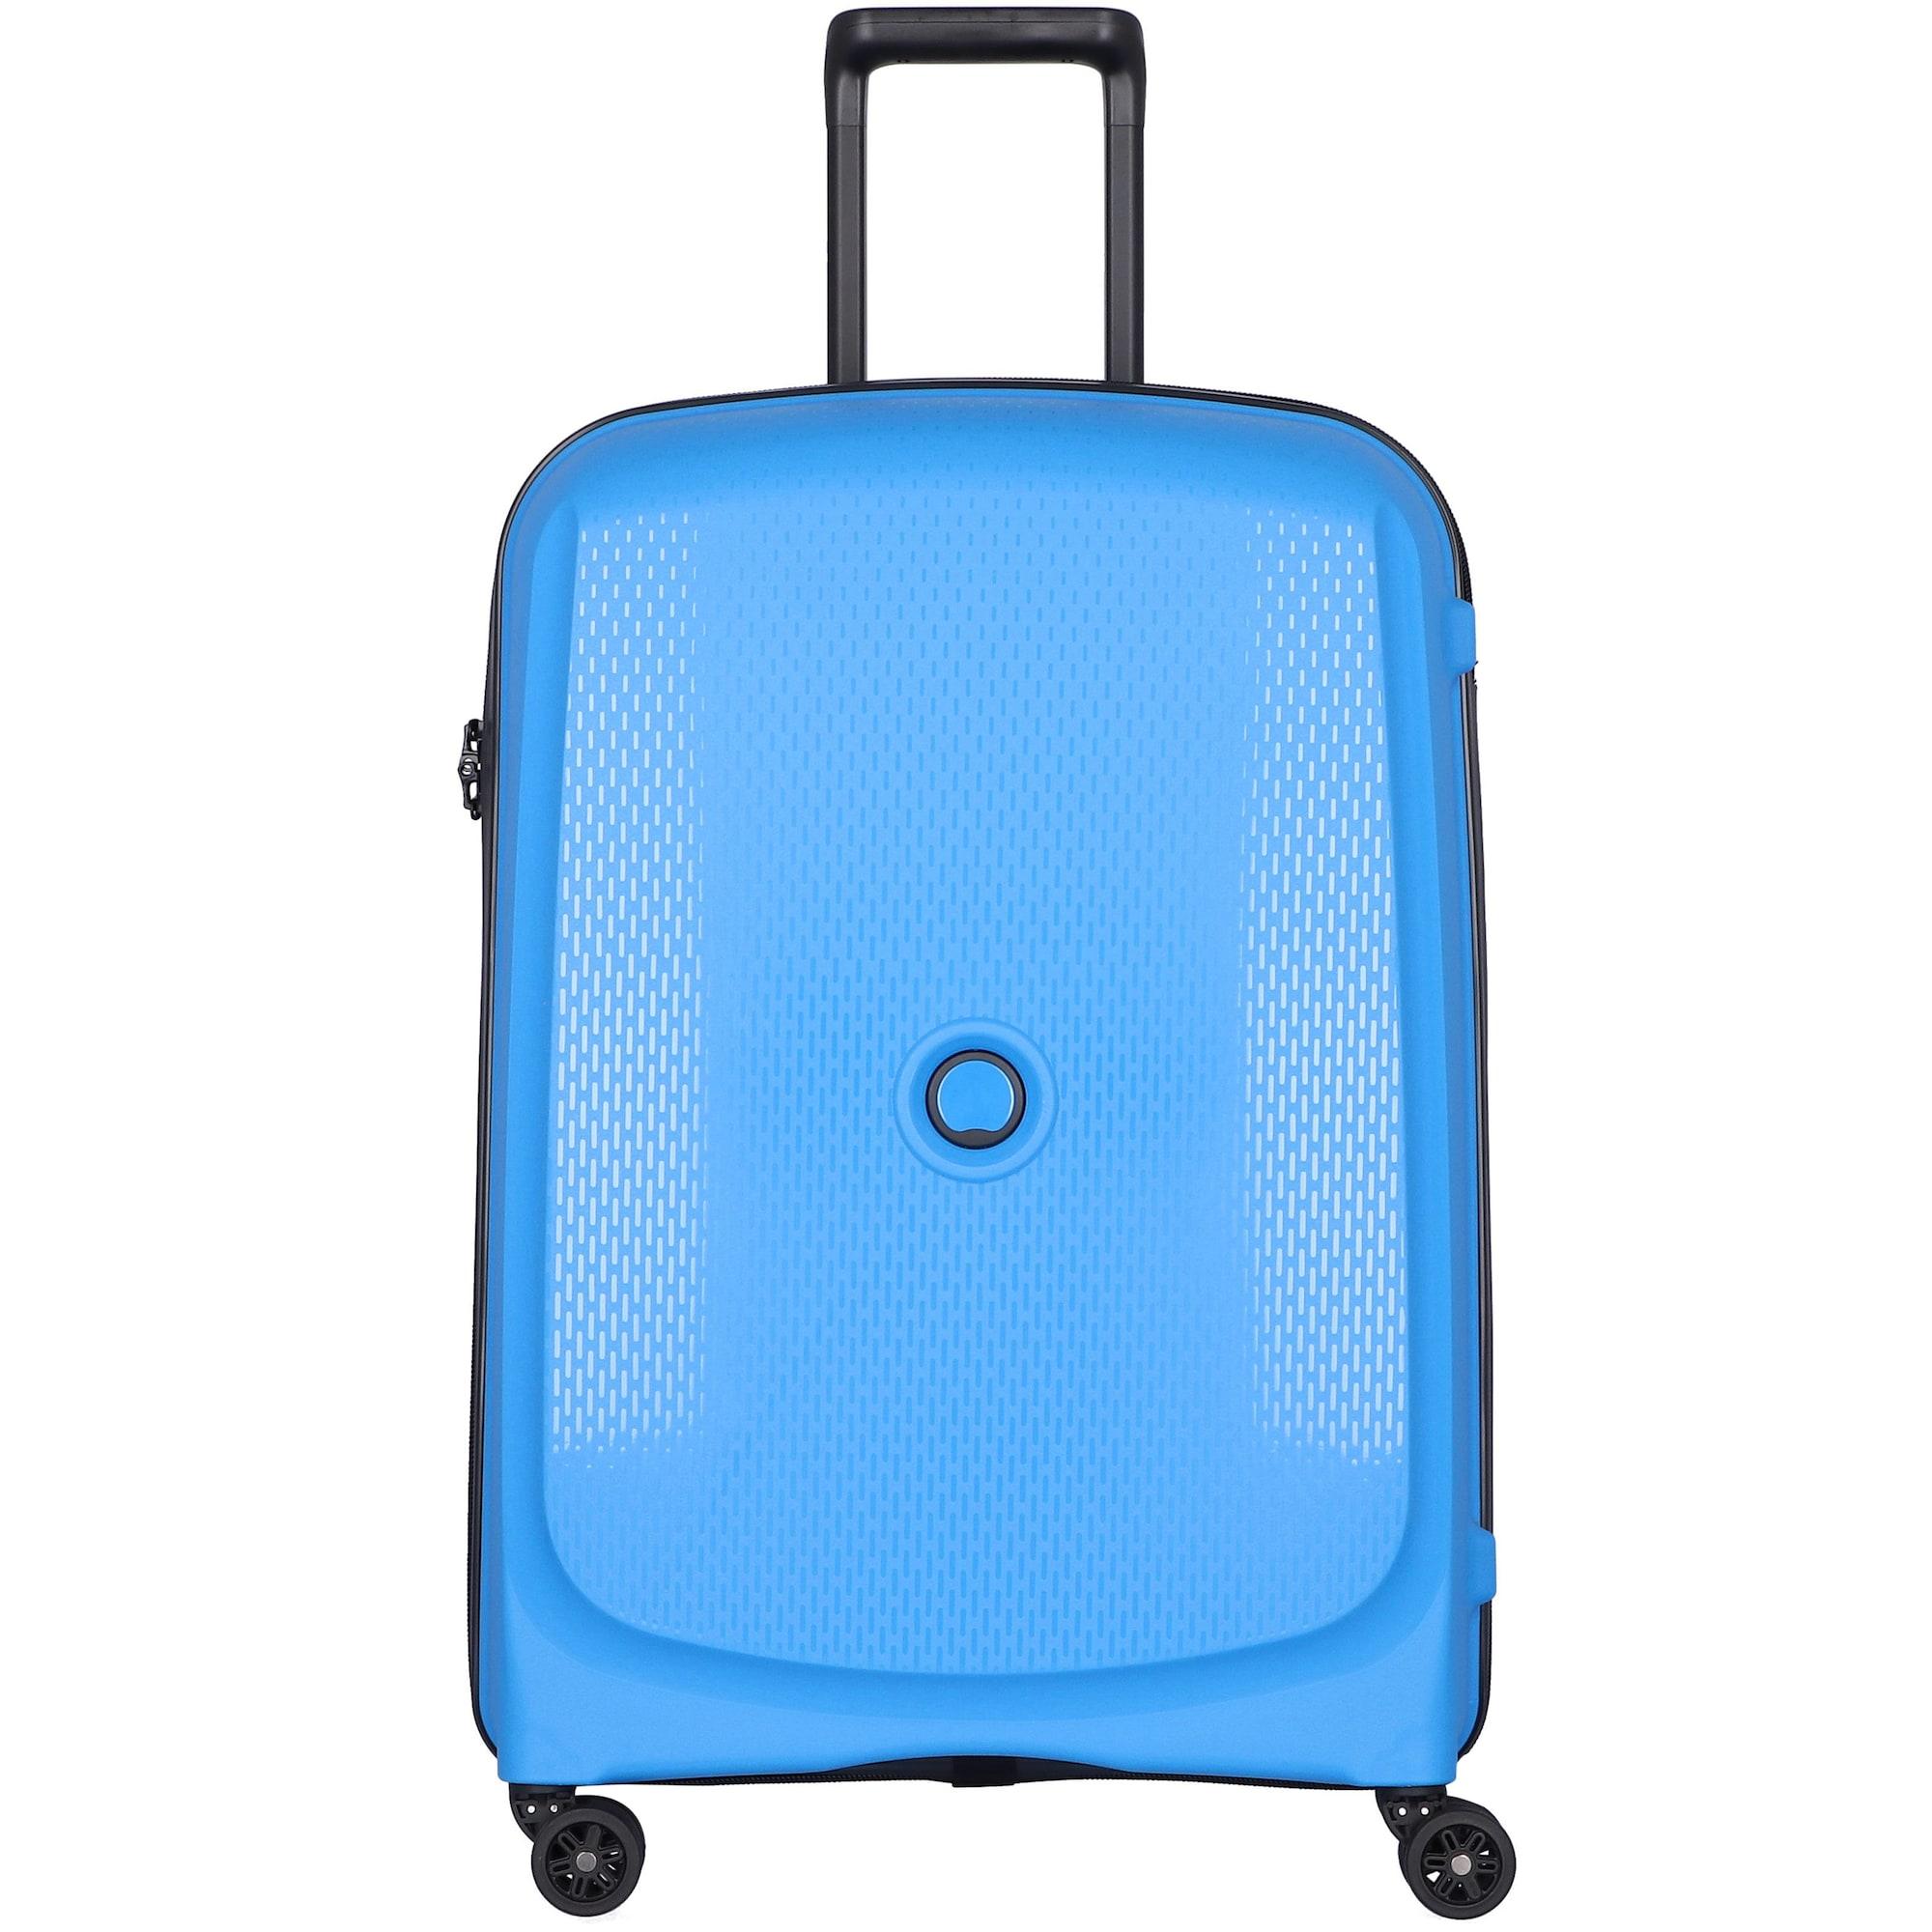 Trolley | Taschen > Koffer & Trolleys > Trolleys | Delsey